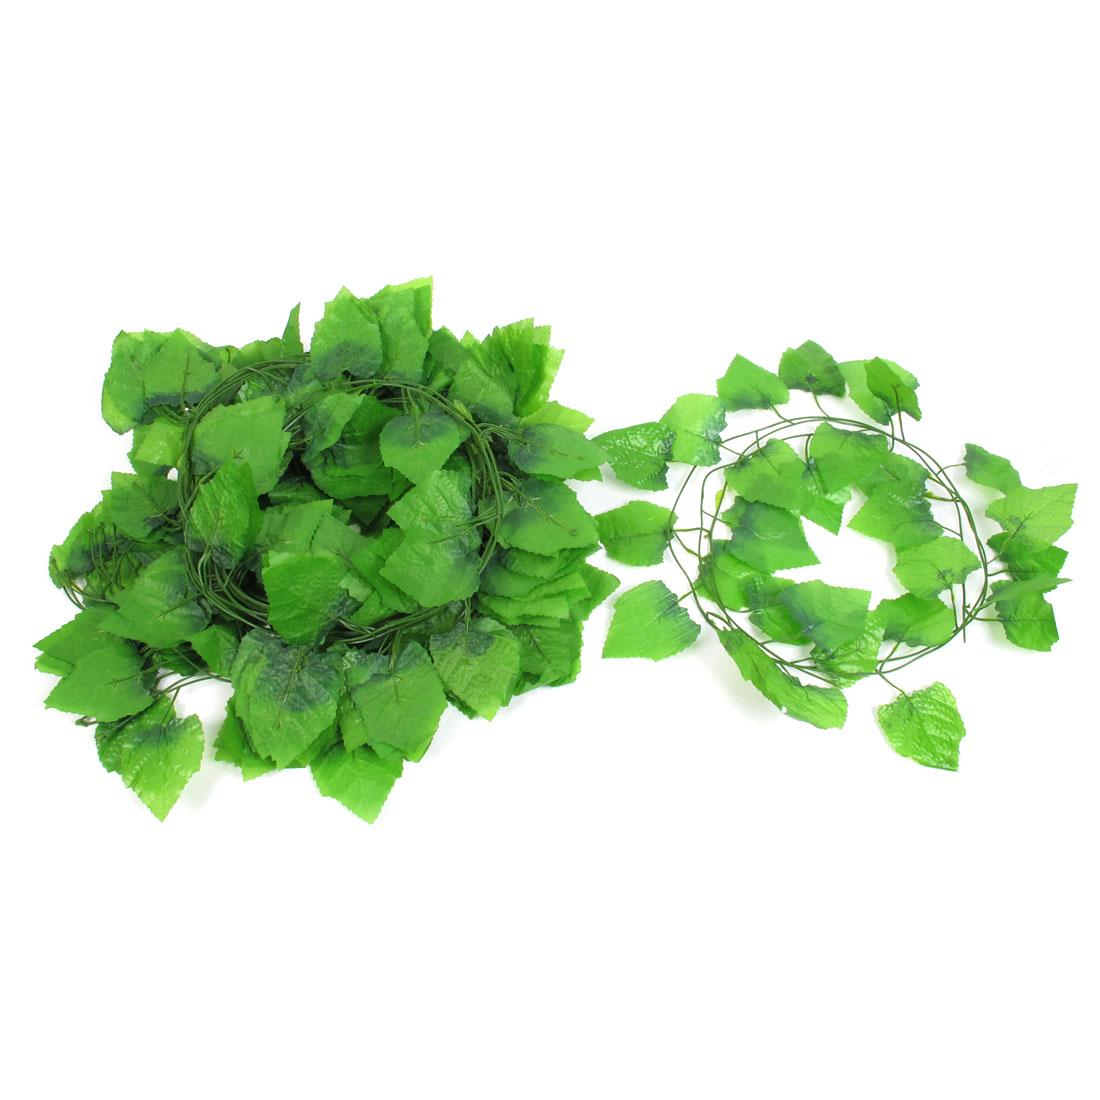 12 Pcs 7.5ft Artificial Ivy Leaf Garland Plants Vine Foliage